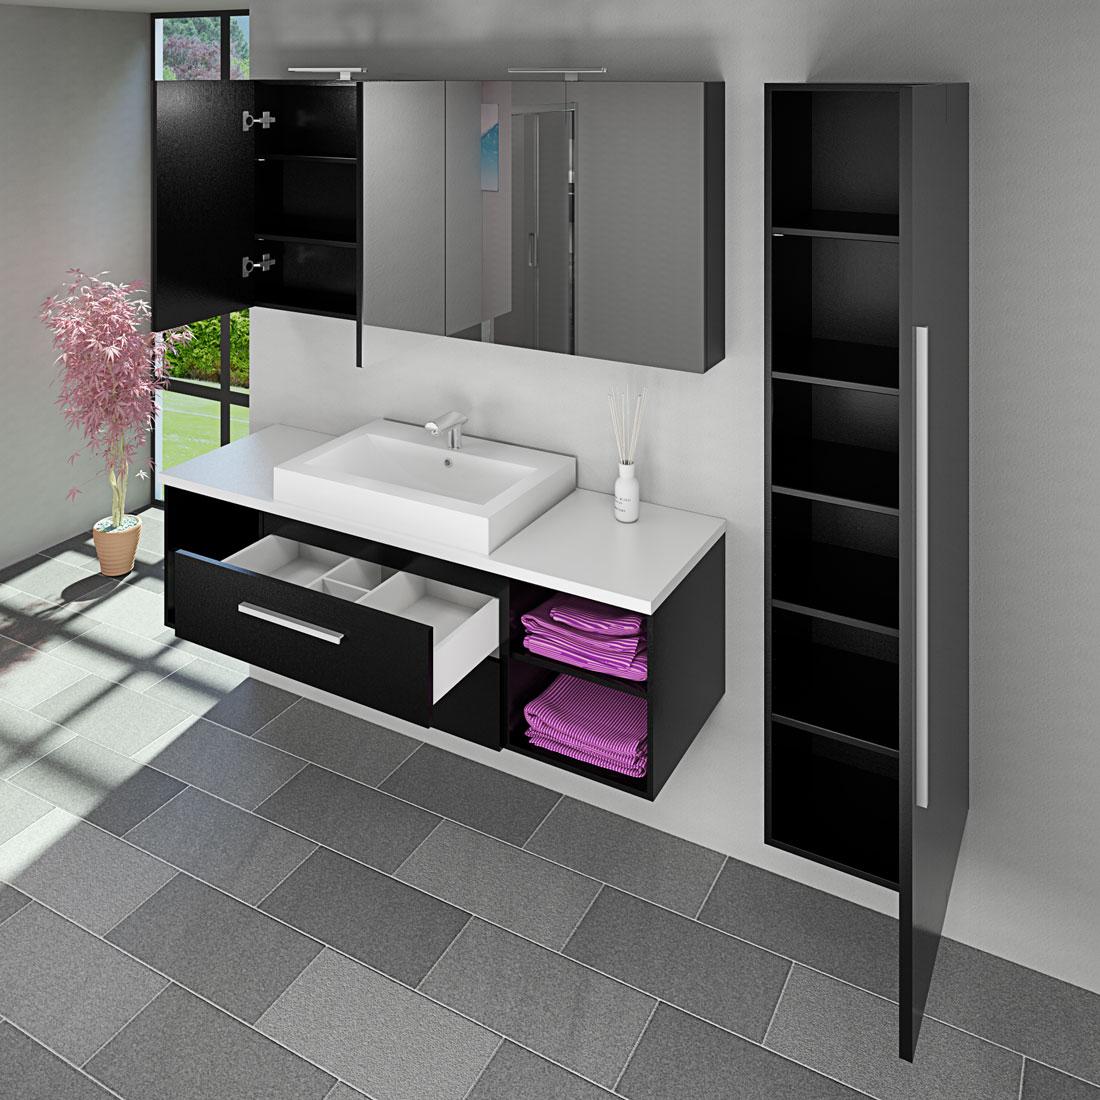 Spiegelschrank badspiegel badezimmer spiegel city 160cm for Bad spiegelschrank schwarz